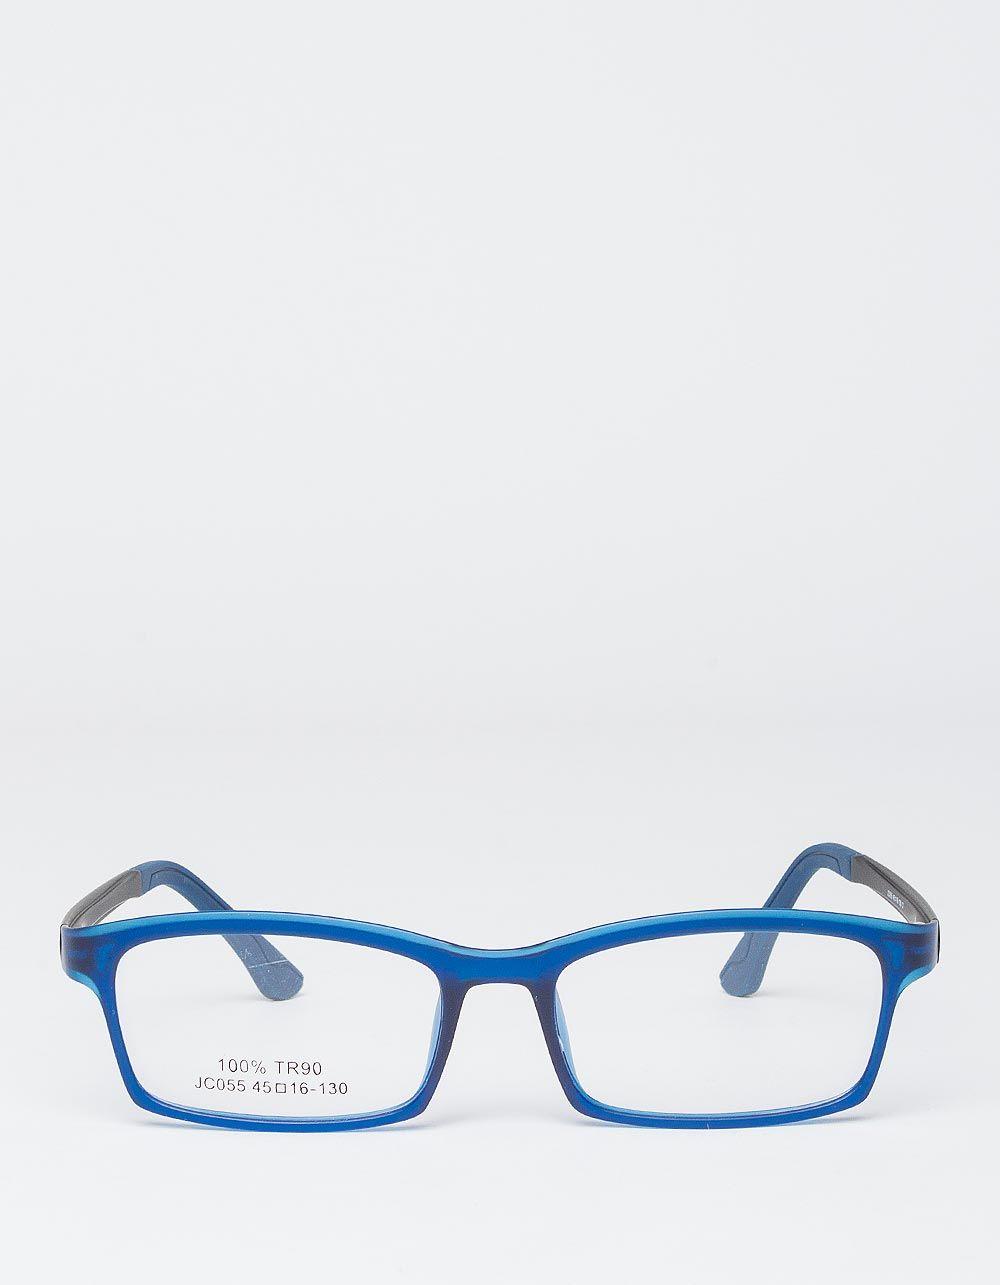 Окуляри іміджеві вузькі з кольоровою оправою | 227543-13-XX